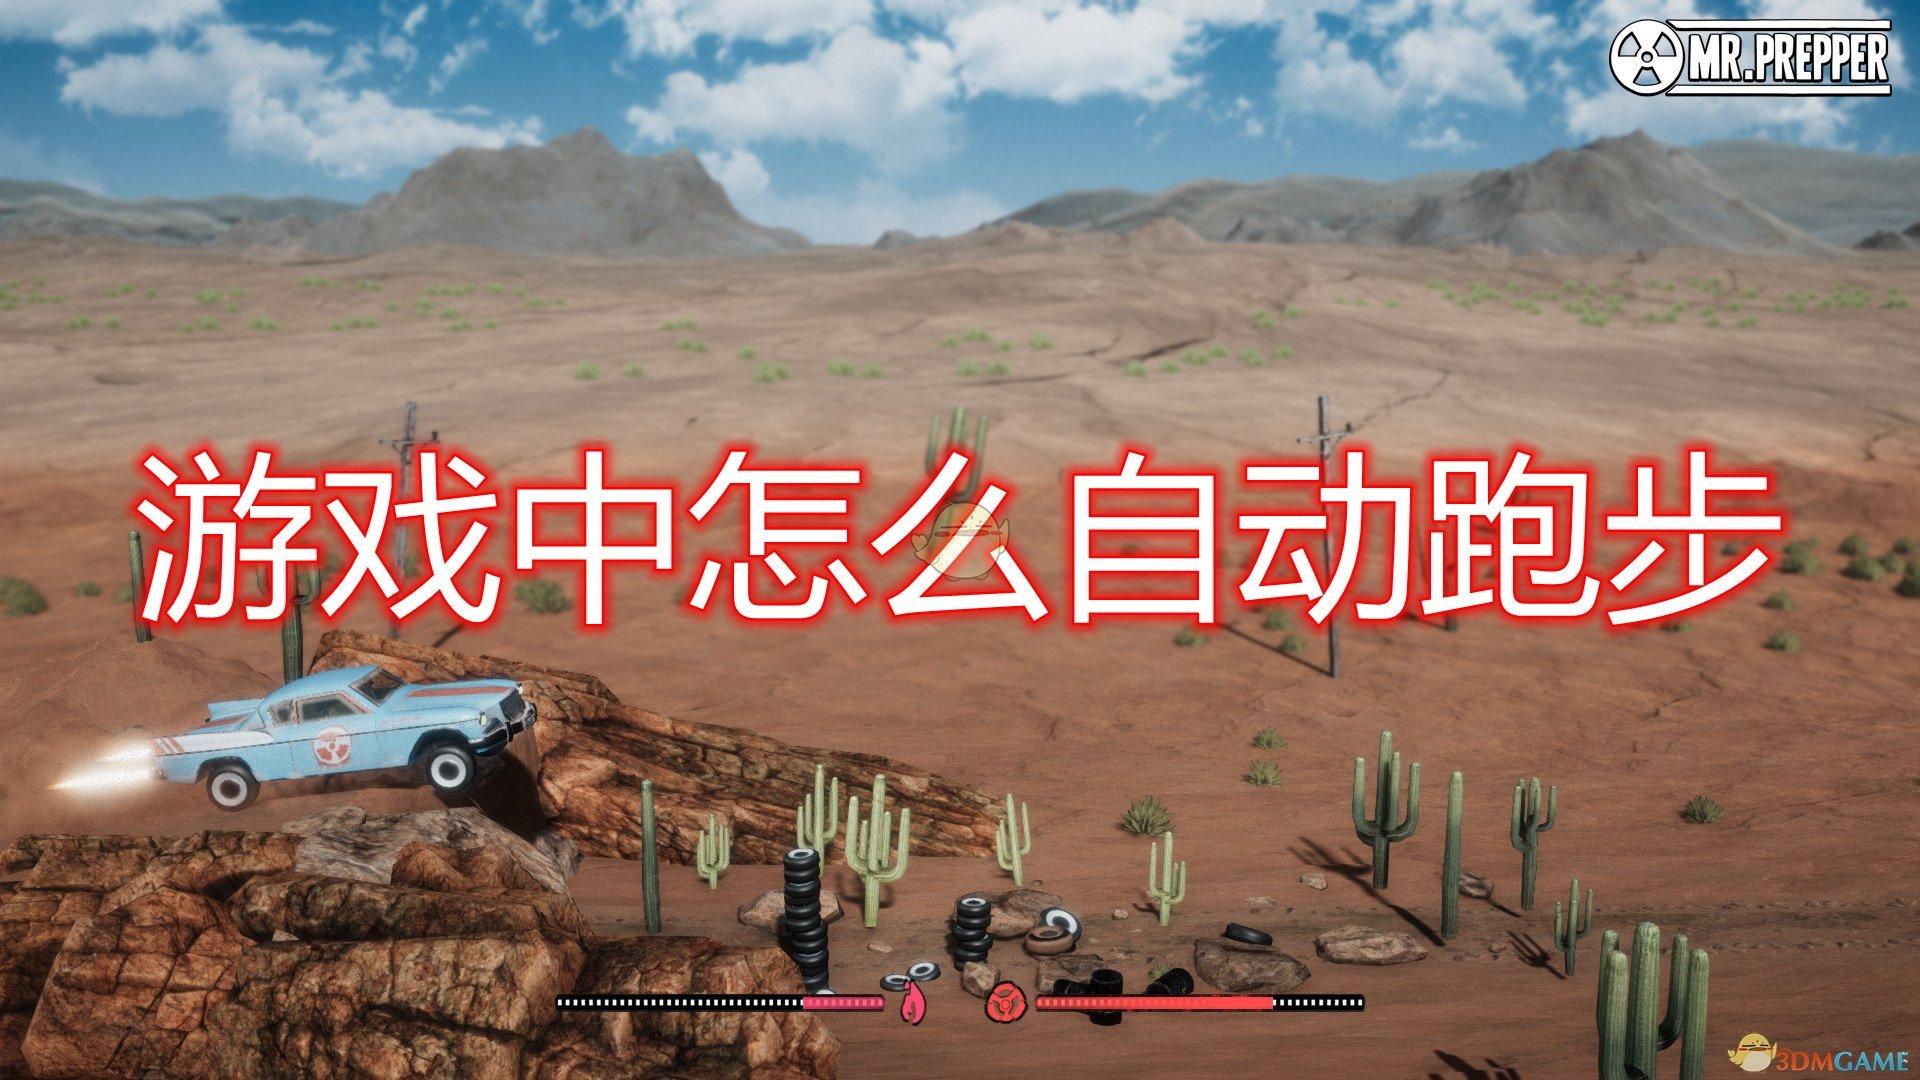 《末日准备狂》游戏自动跑步方法介绍